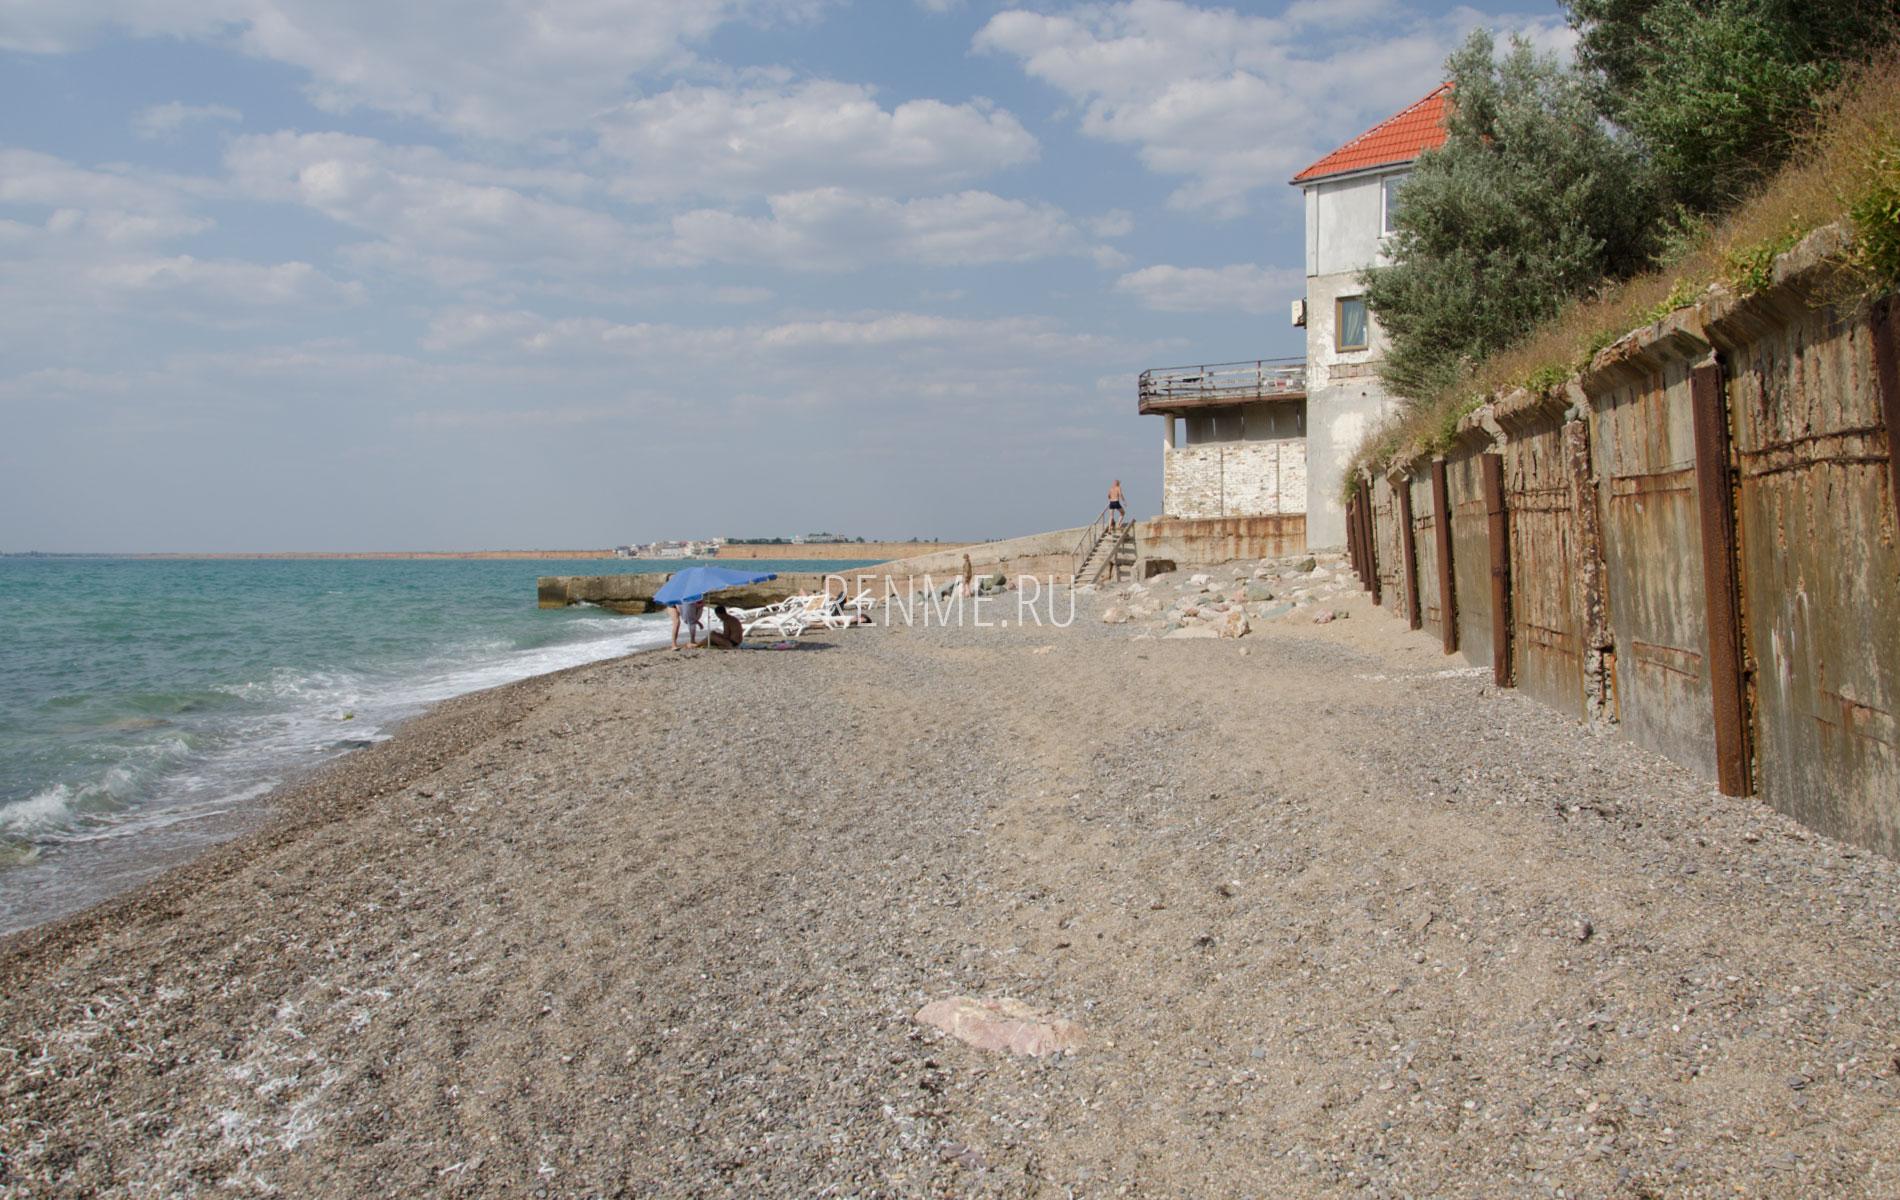 Галечный пляж Николаевки. Фото Николаевки